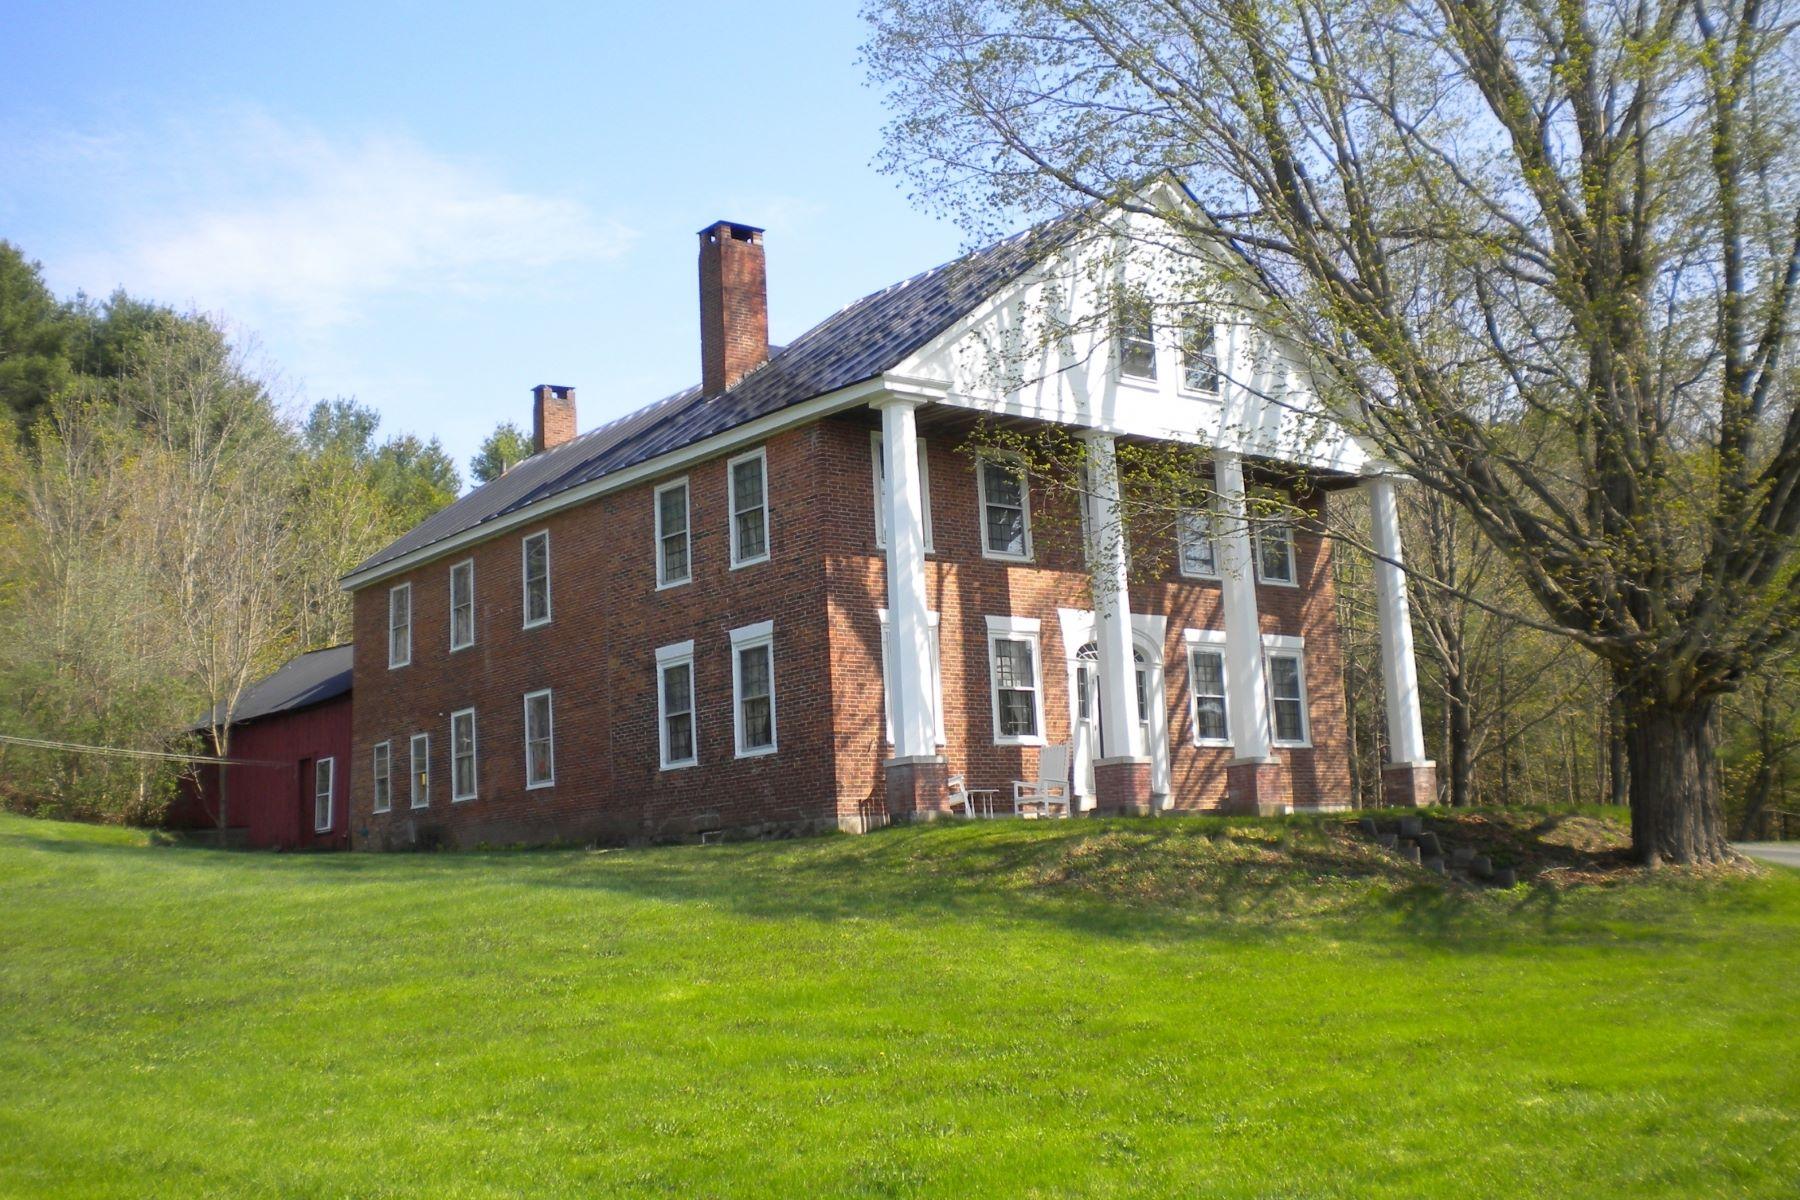 Casa Unifamiliar por un Venta en Historic, fireplaces, wide board floors 1260 Dartmouth College Hwy Haverhill, Nueva Hampshire 03774 Estados Unidos